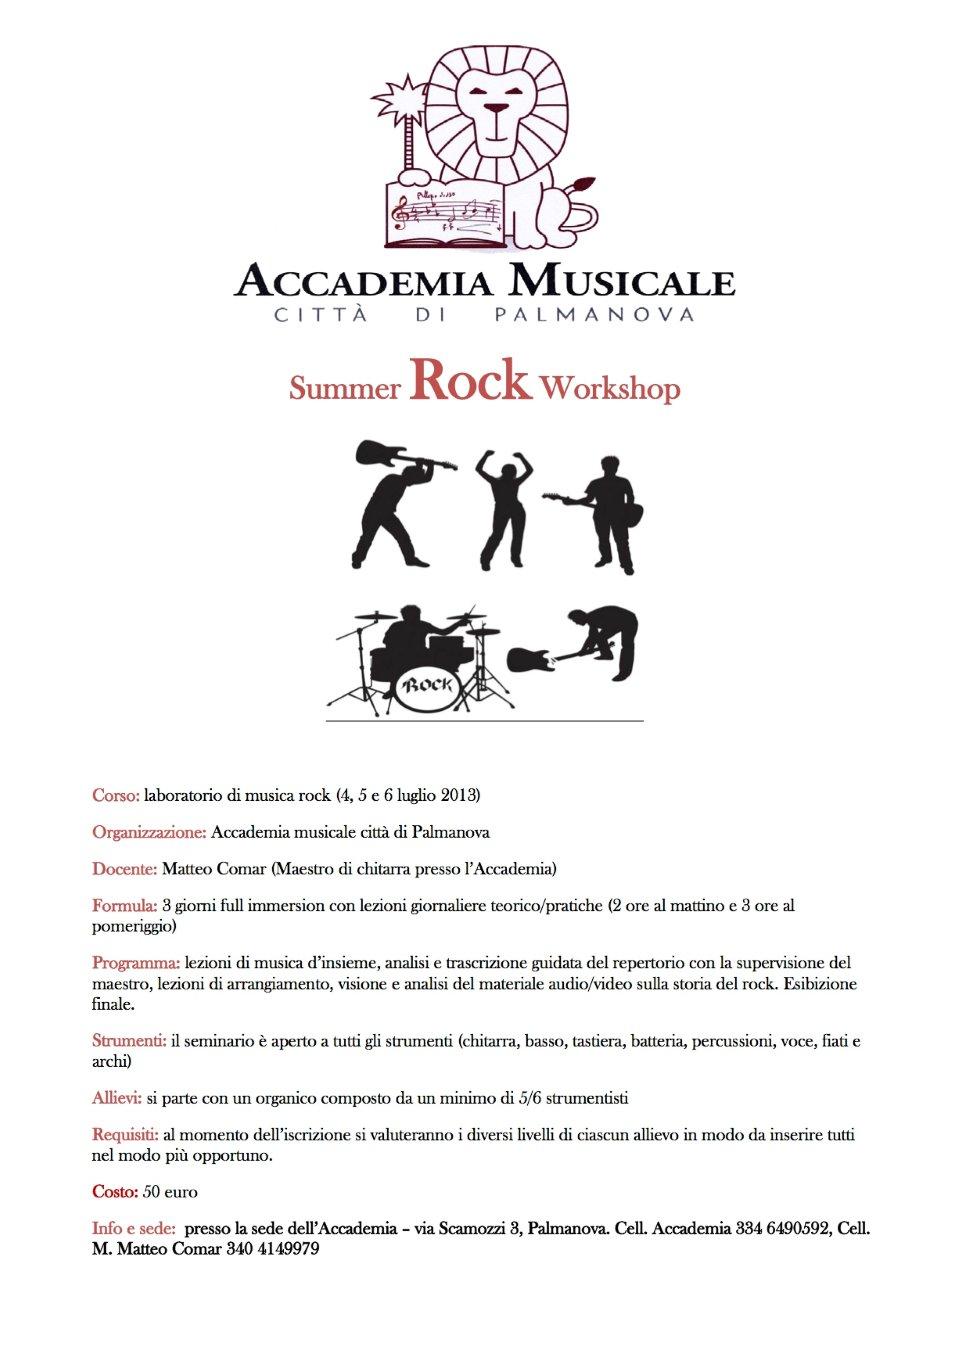 Summer Rock Workshop